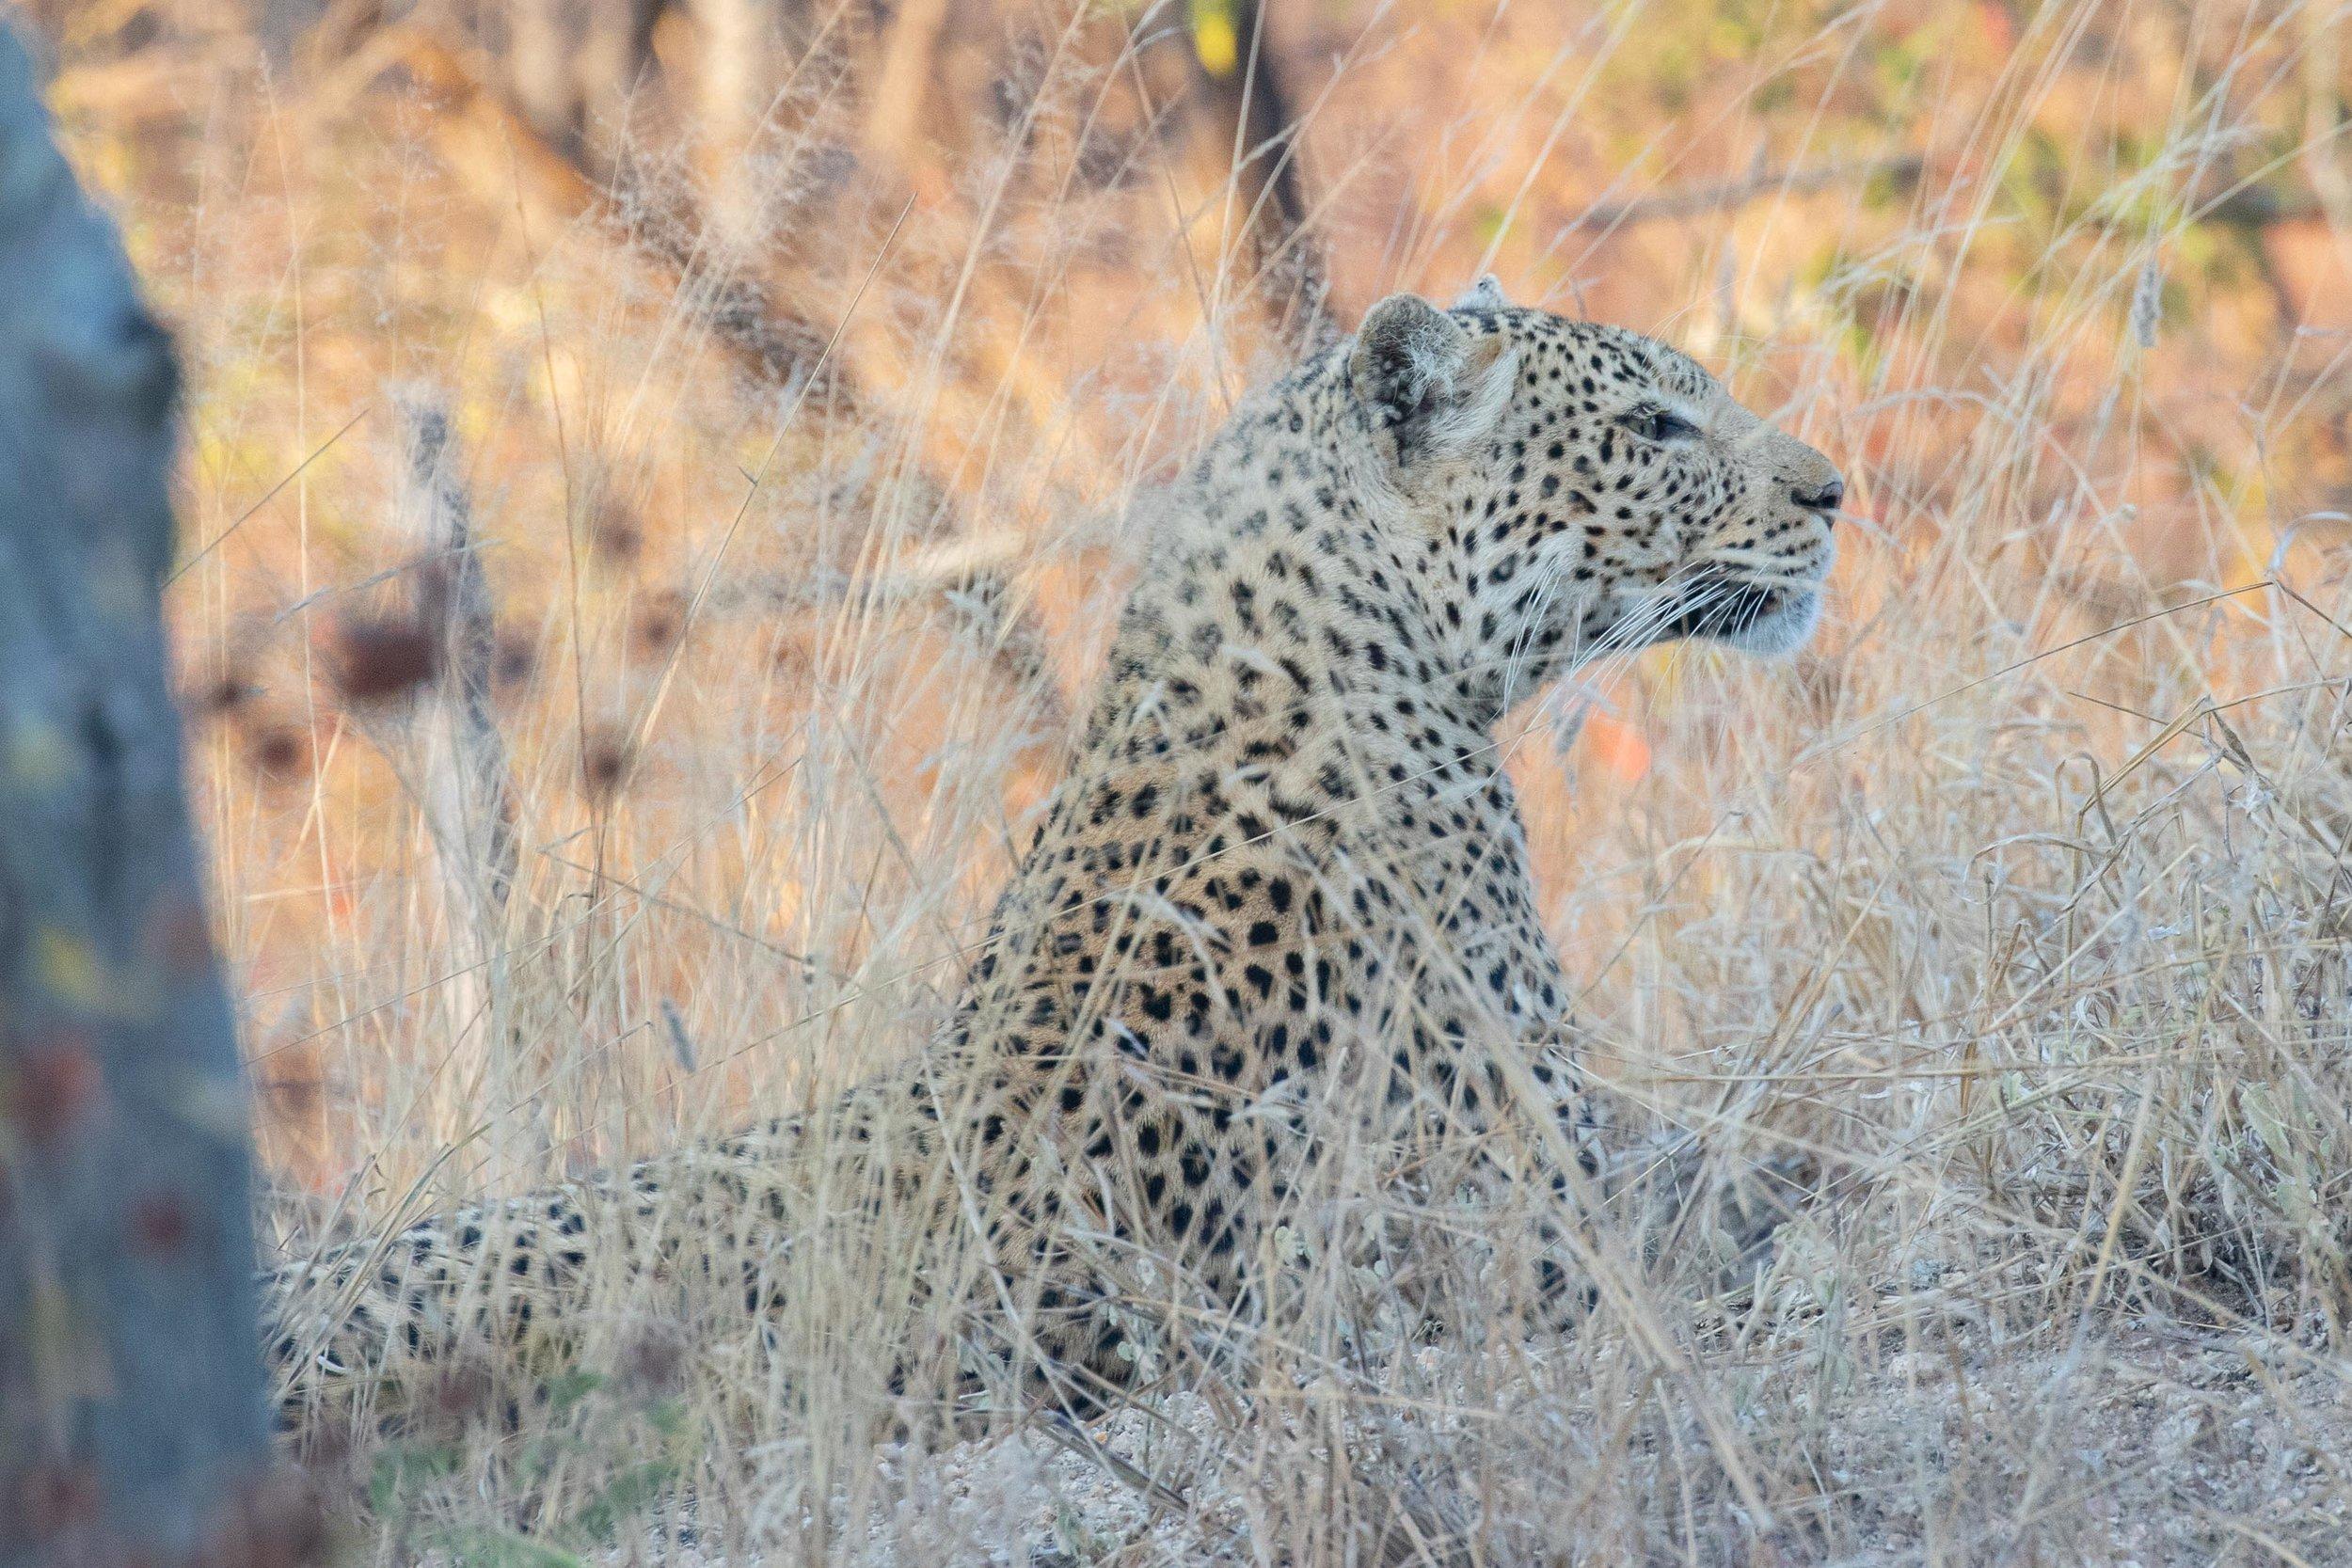 Leopard_AF9A5488.jpg